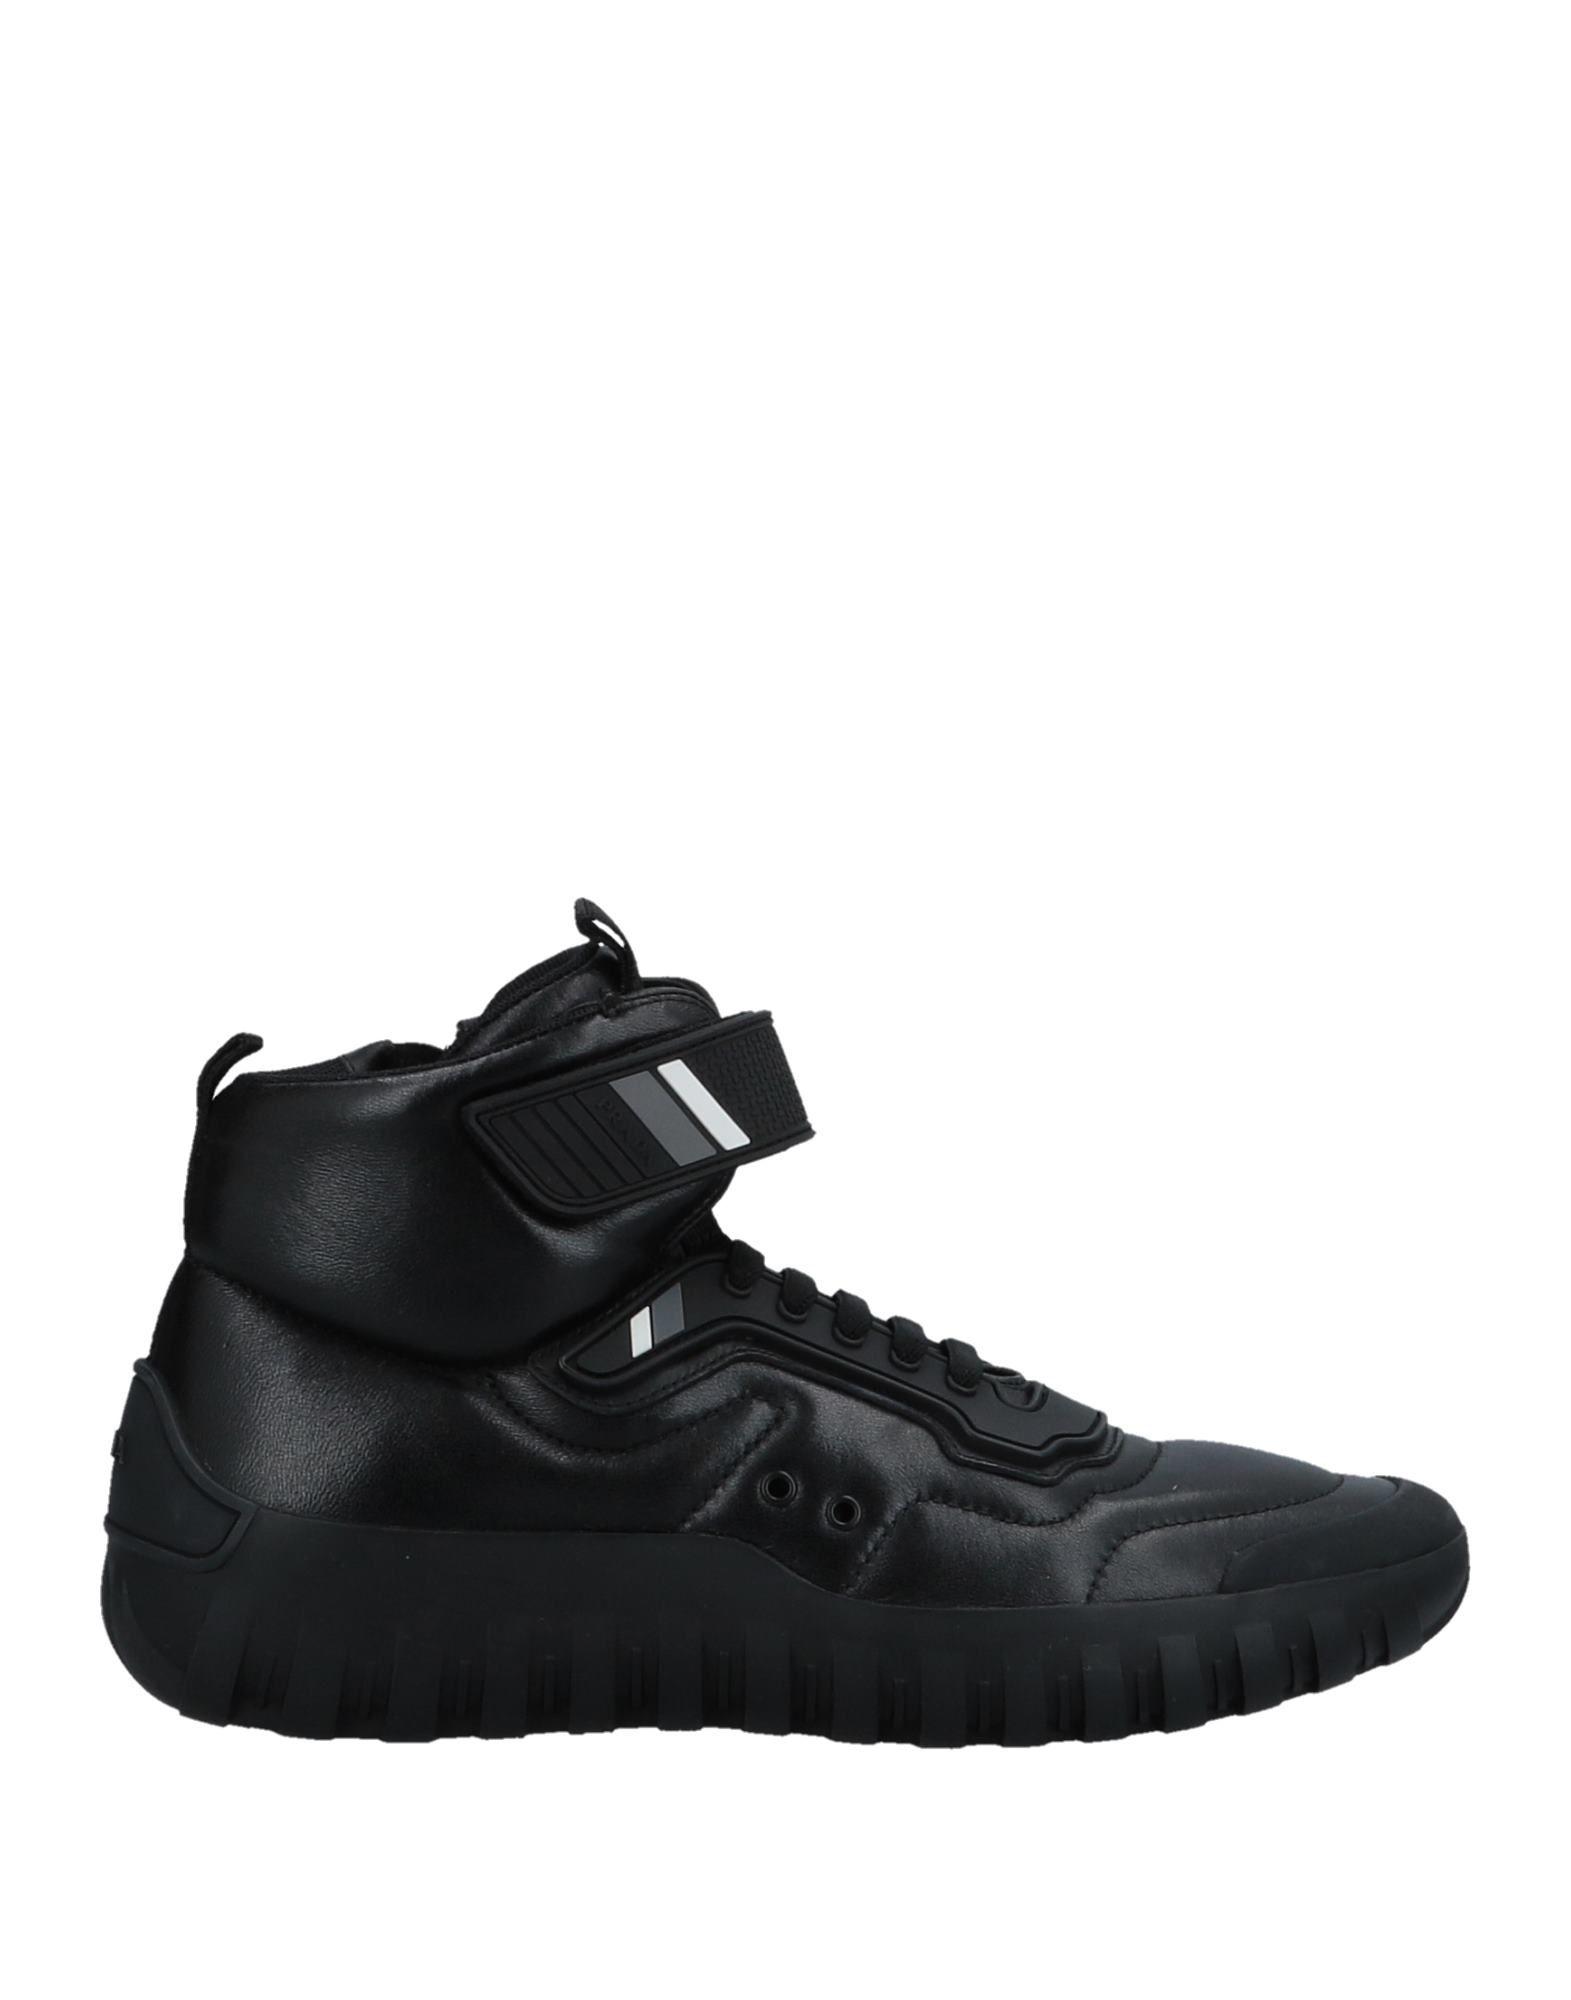 Prada Sport Sneakers Herren beliebte  11504631PO Gute Qualität beliebte Herren Schuhe 61d9b4